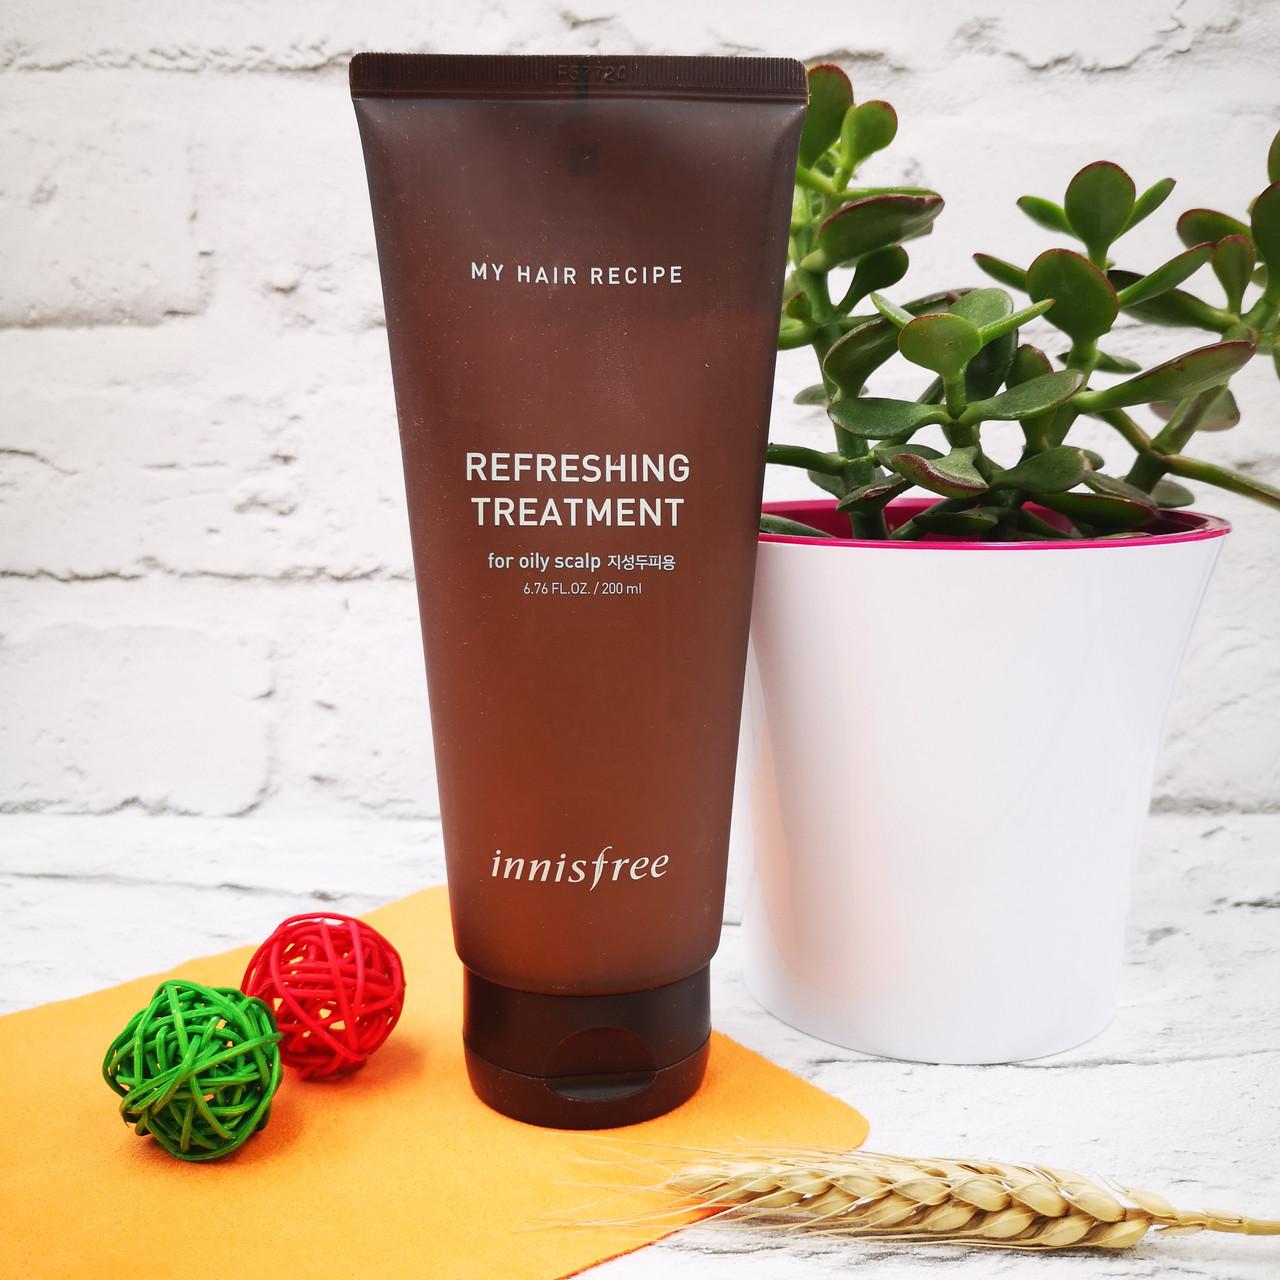 Innisfree Глубокоочищающая безсиликоновая маска для жирной кожи головы My Hair Recipe Refreshing Treatment